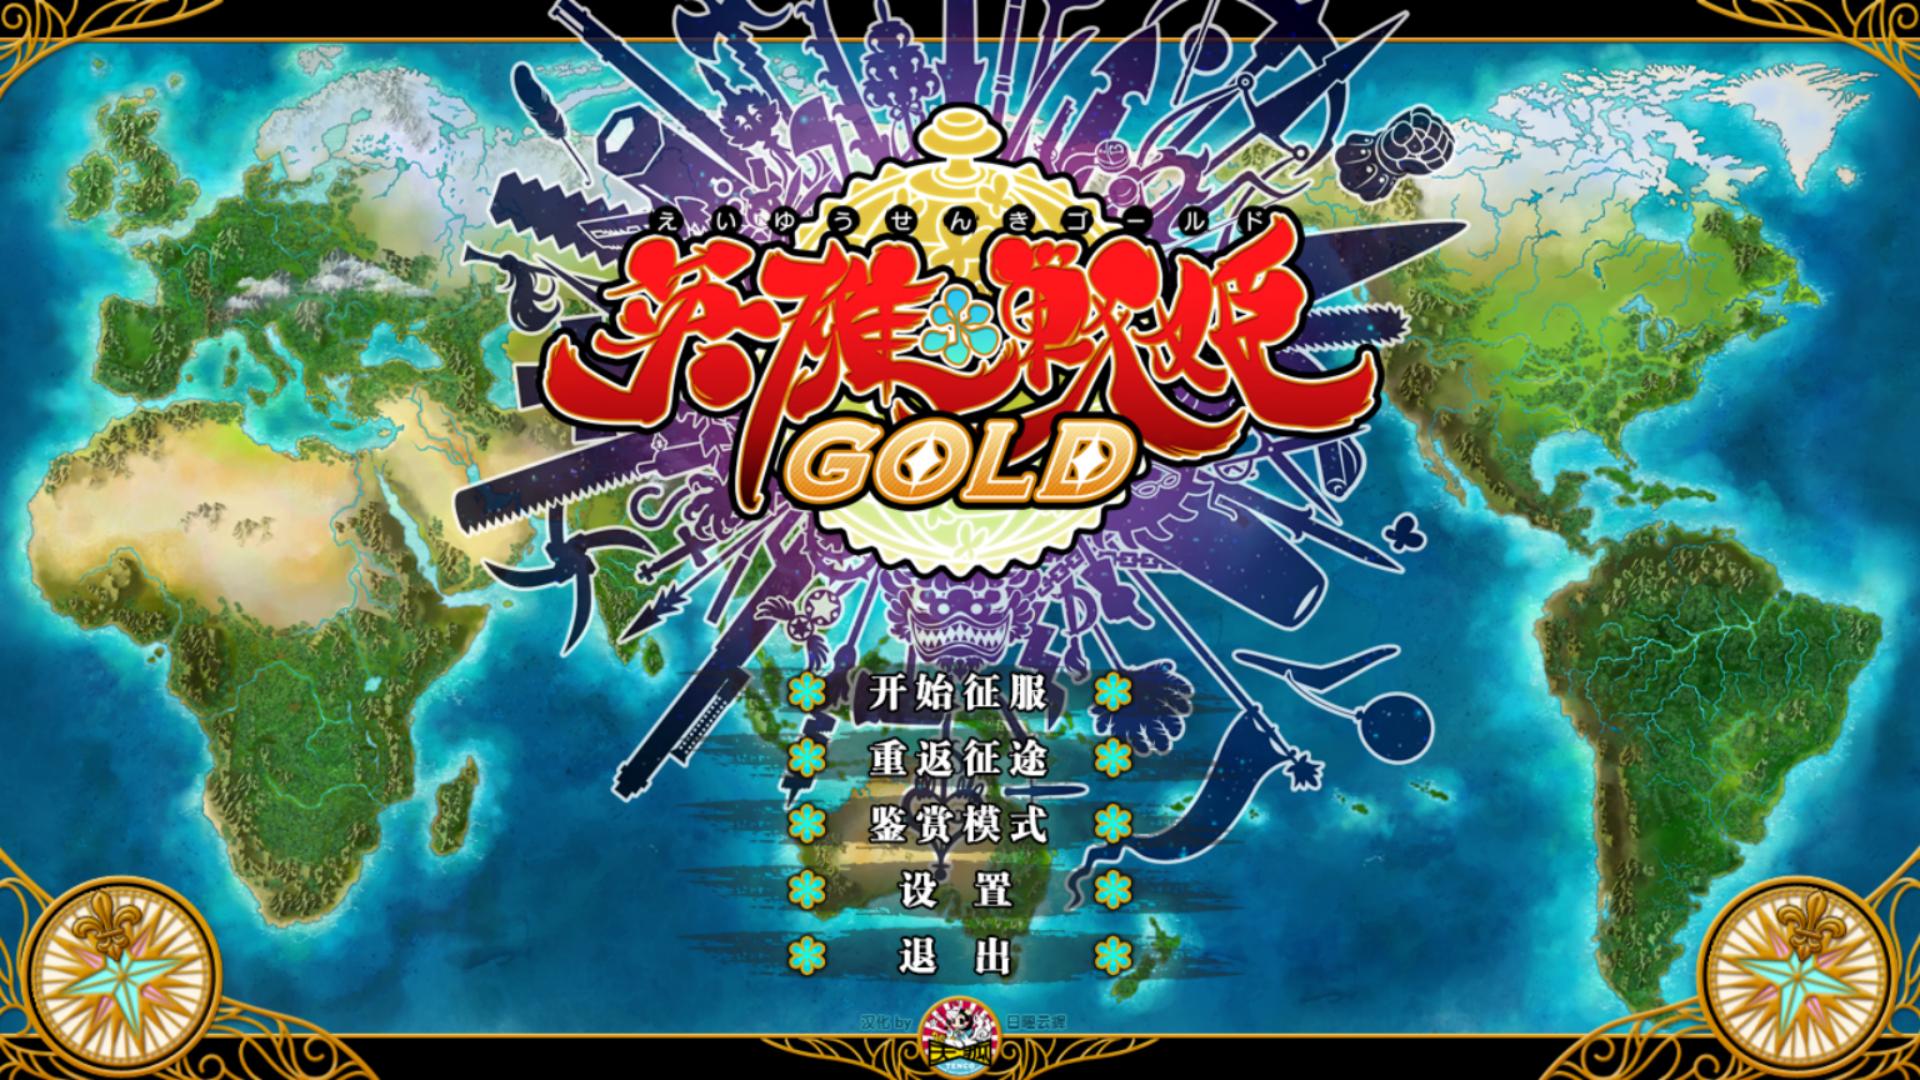 《英雄战姬 GOLD! V1.1 魔改汉化版》/SLG游戏/PC